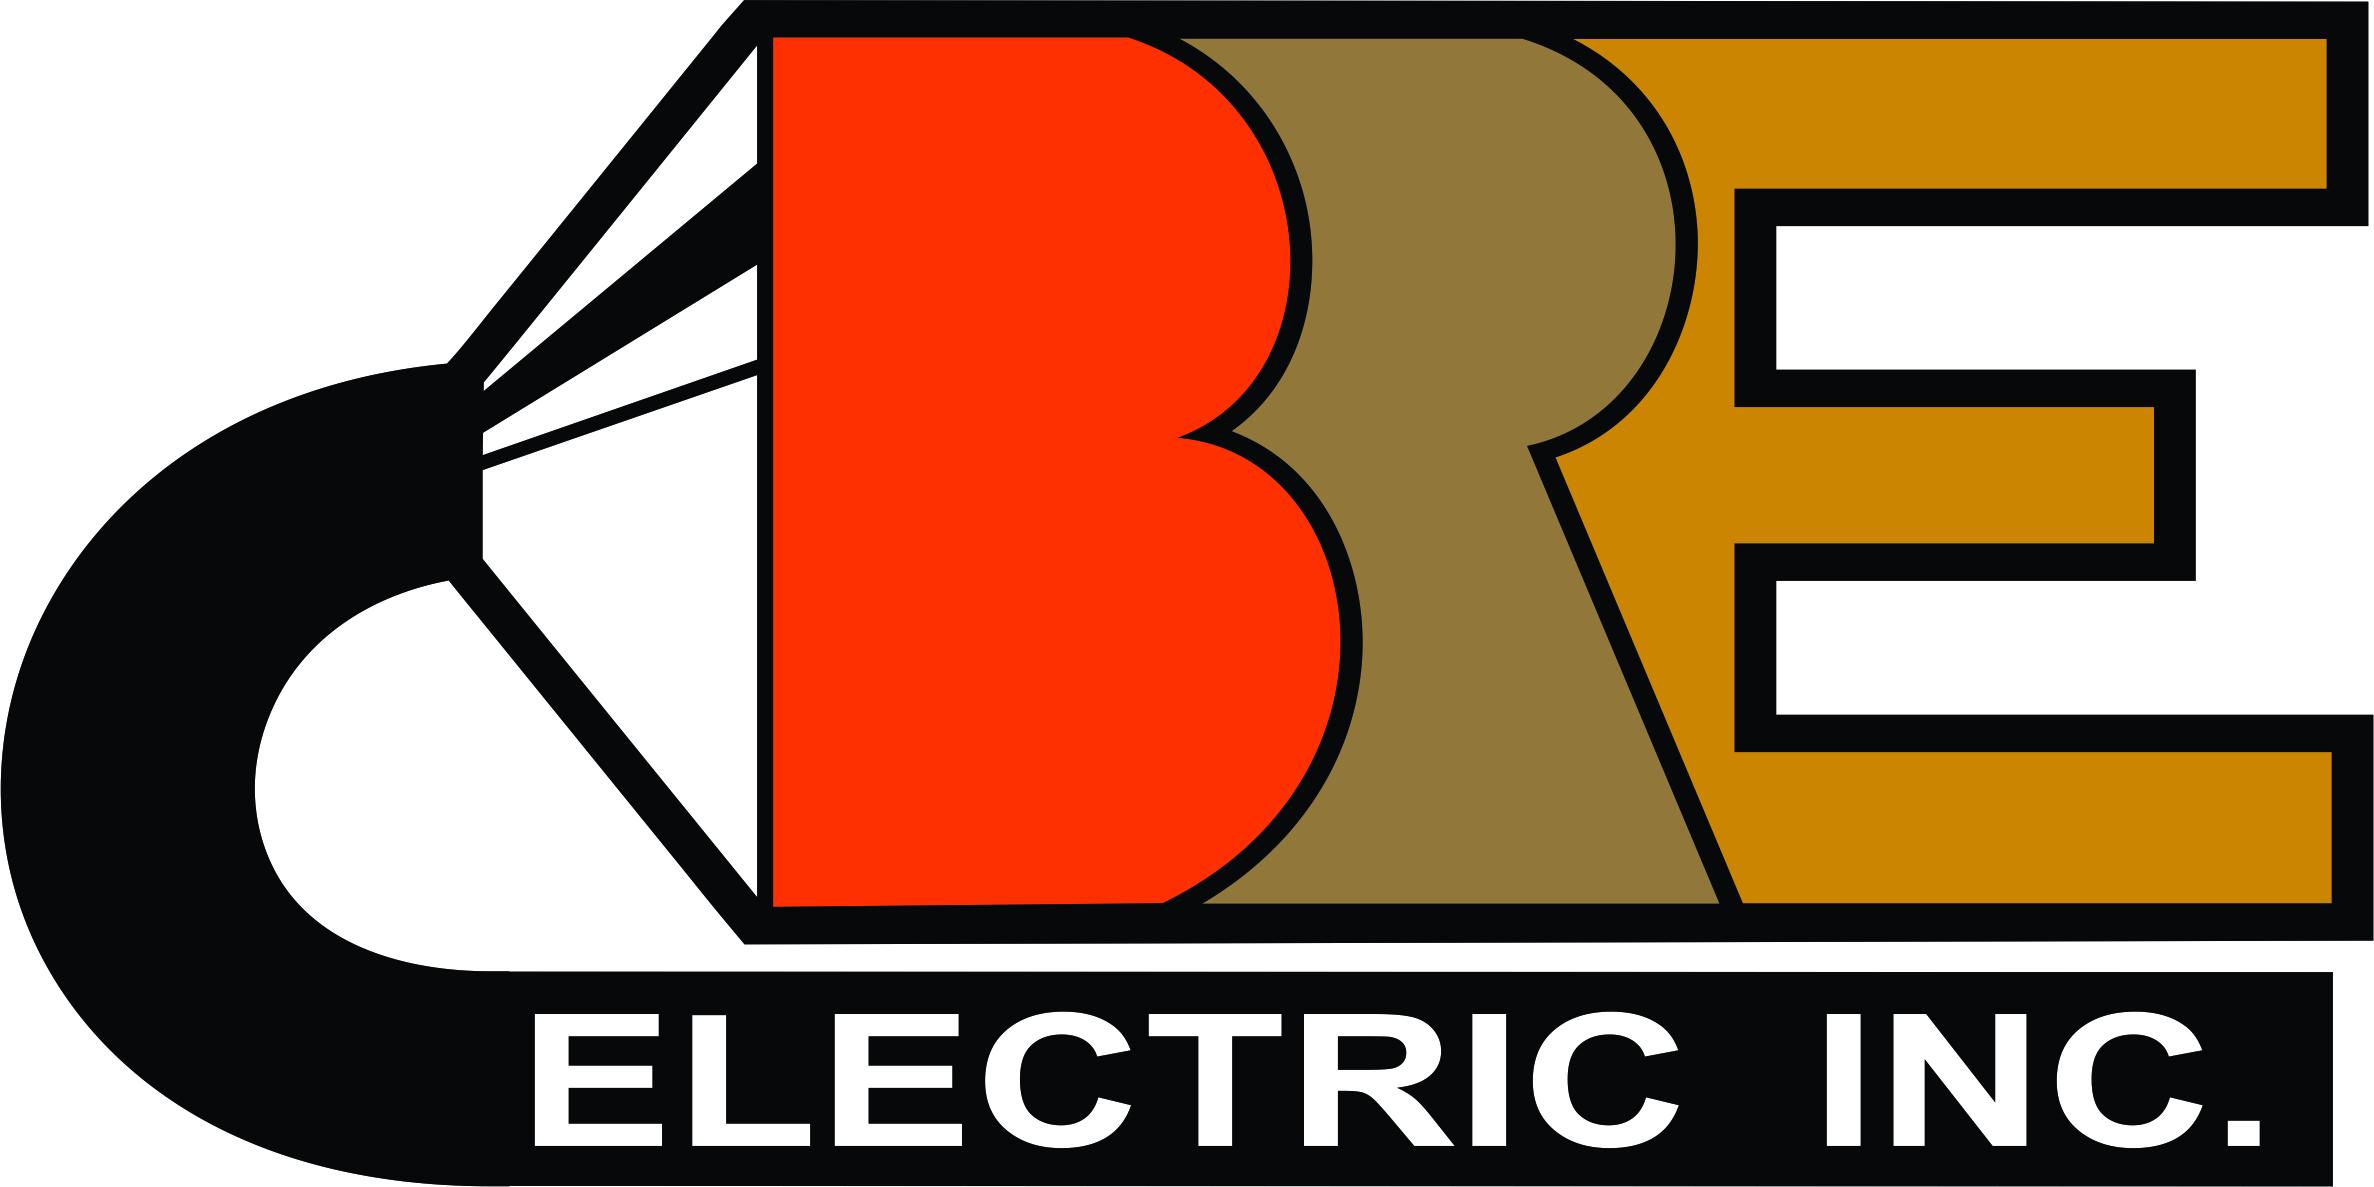 Bob-Ruffa-Electric.jpg